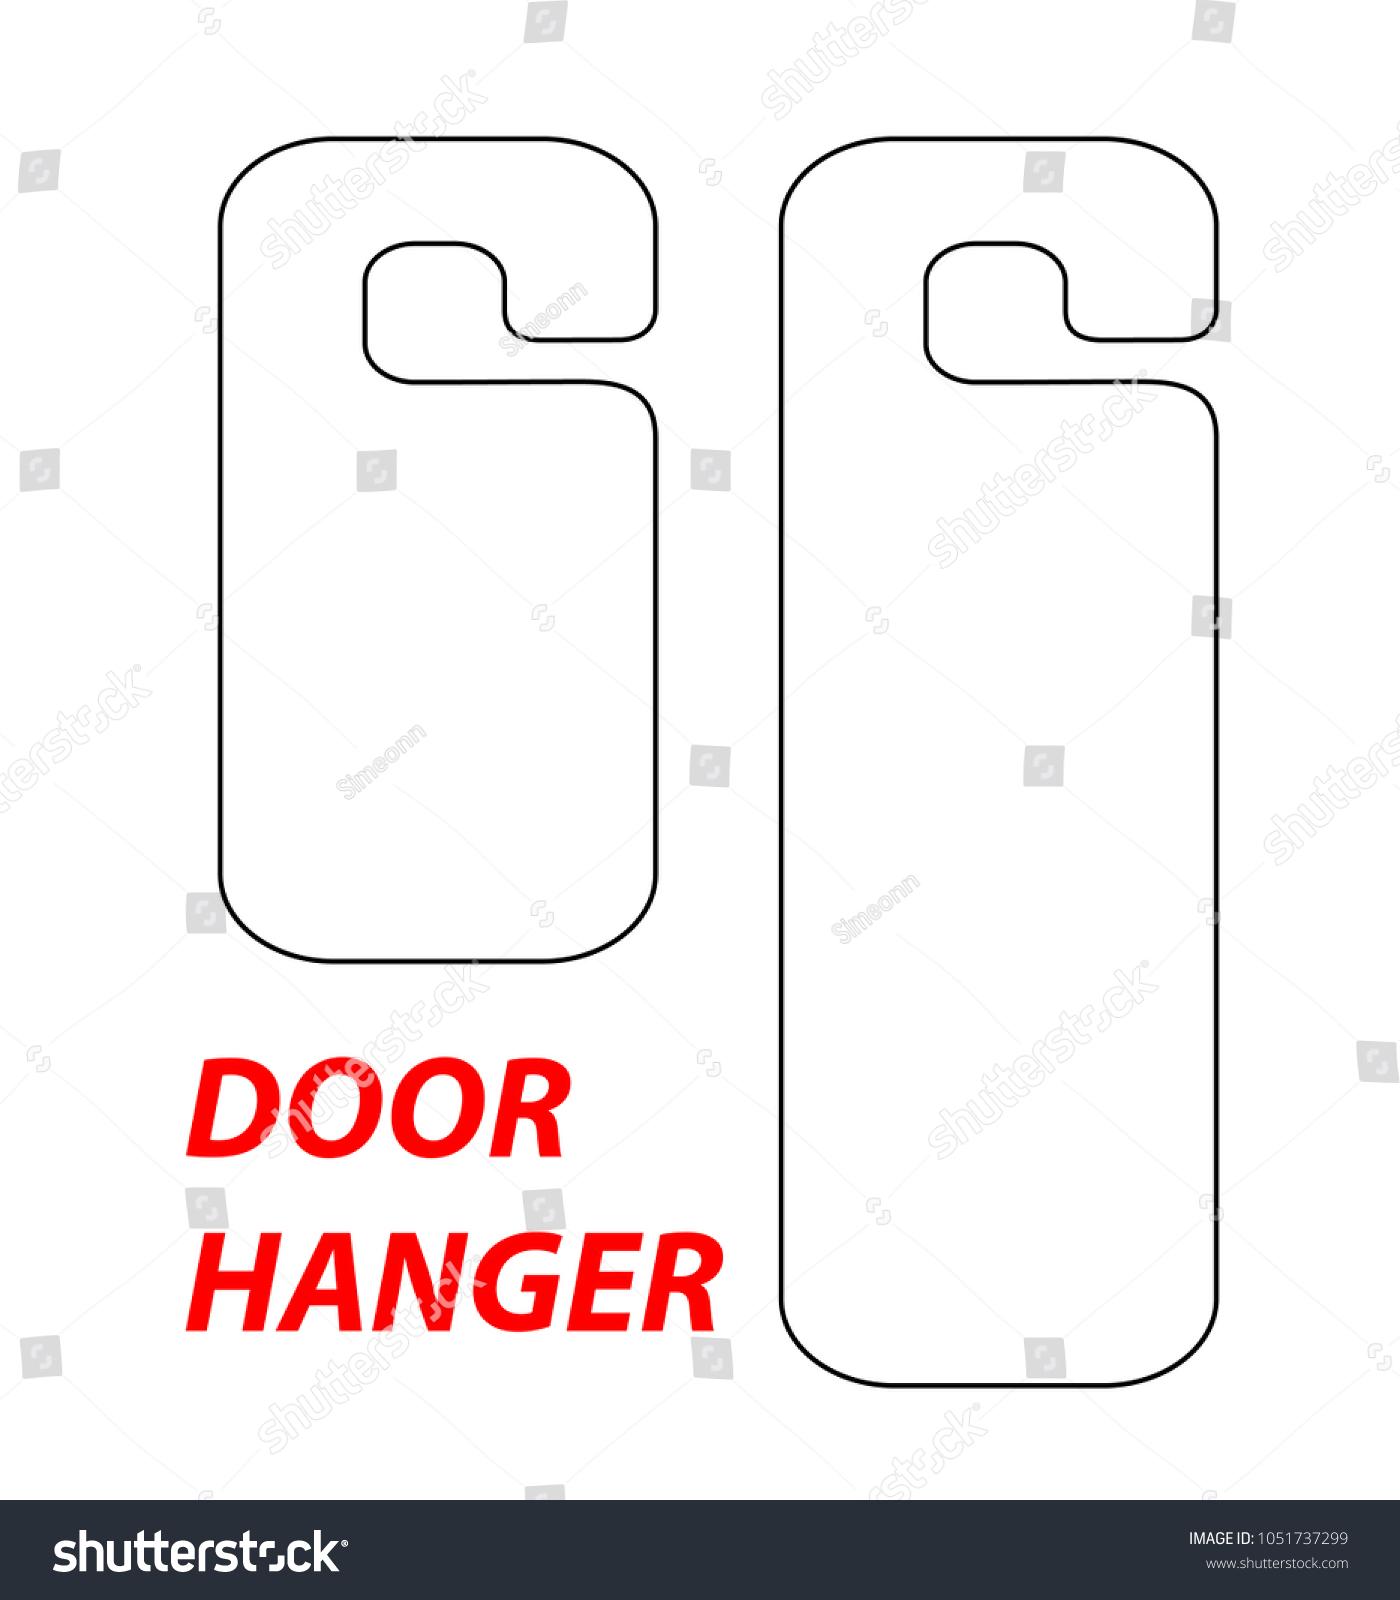 Hanger Die Cut Template Vector Black Stock Vector 1051737299 ...